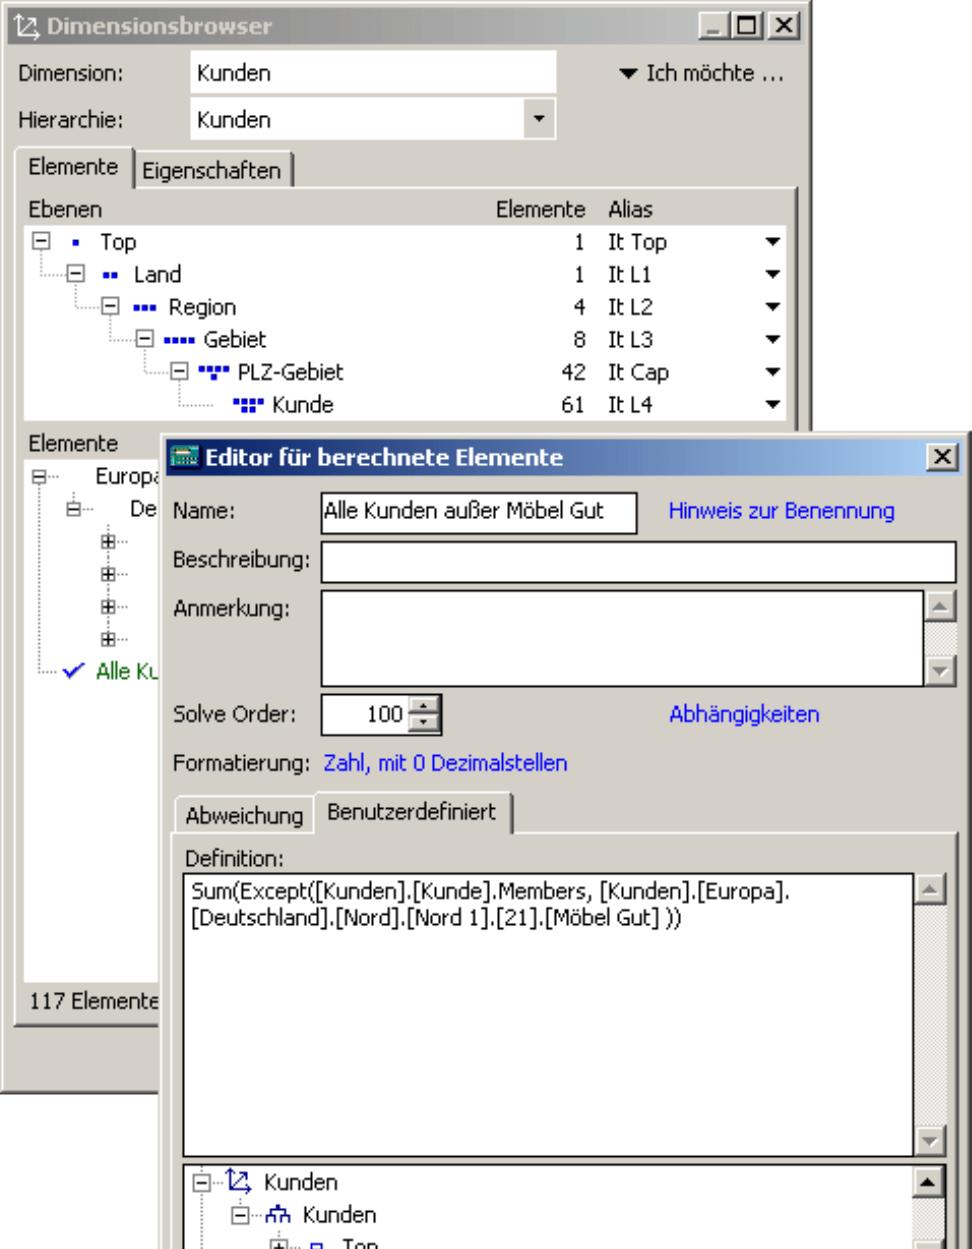 Registerkarte Benutzerdefiniert im Editor für berechnete Elemente